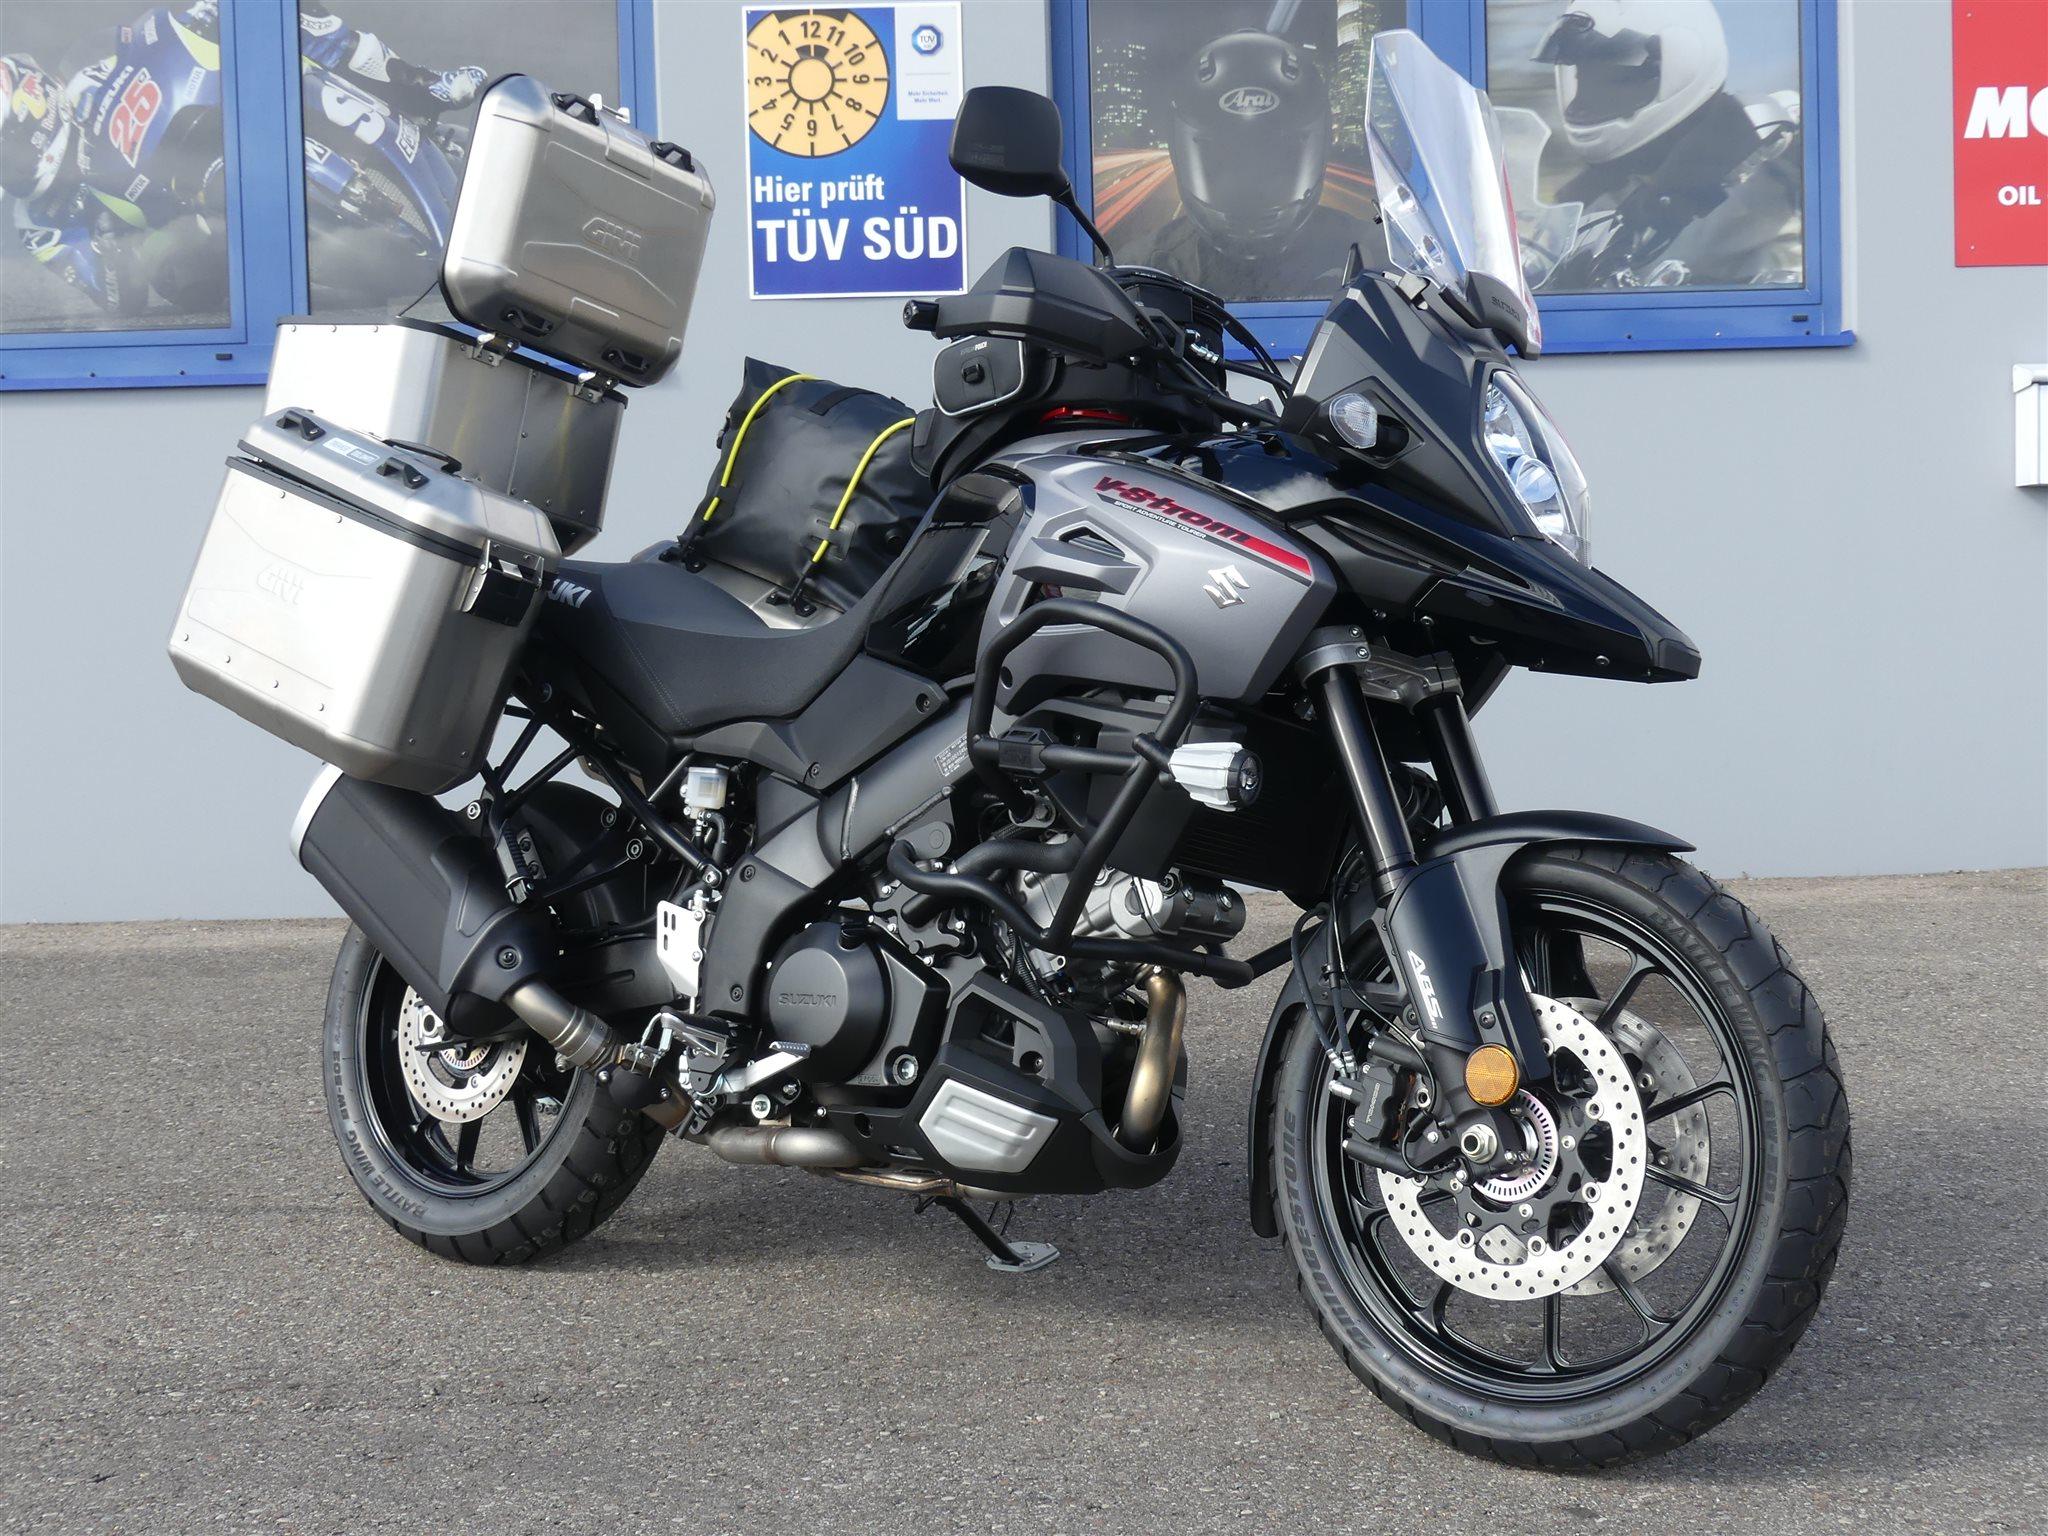 umgebautes motorrad suzuki v strom 1000 von biker stable gmbh co kg. Black Bedroom Furniture Sets. Home Design Ideas